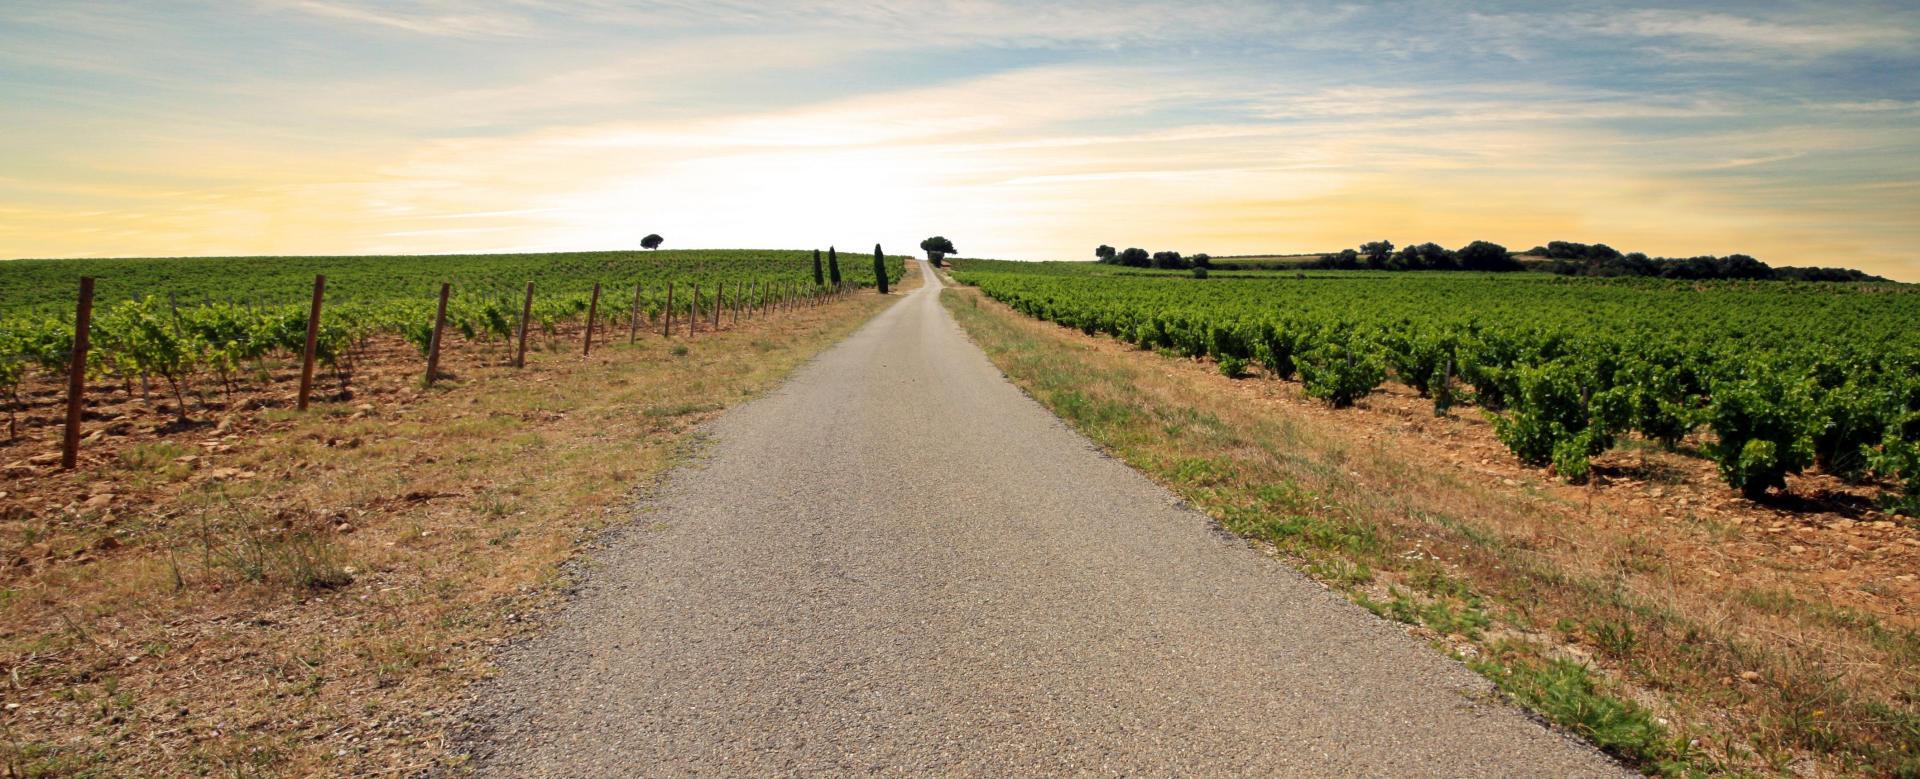 Voyage en véhicule France : Les grands crus des côtes du rhône à vélo